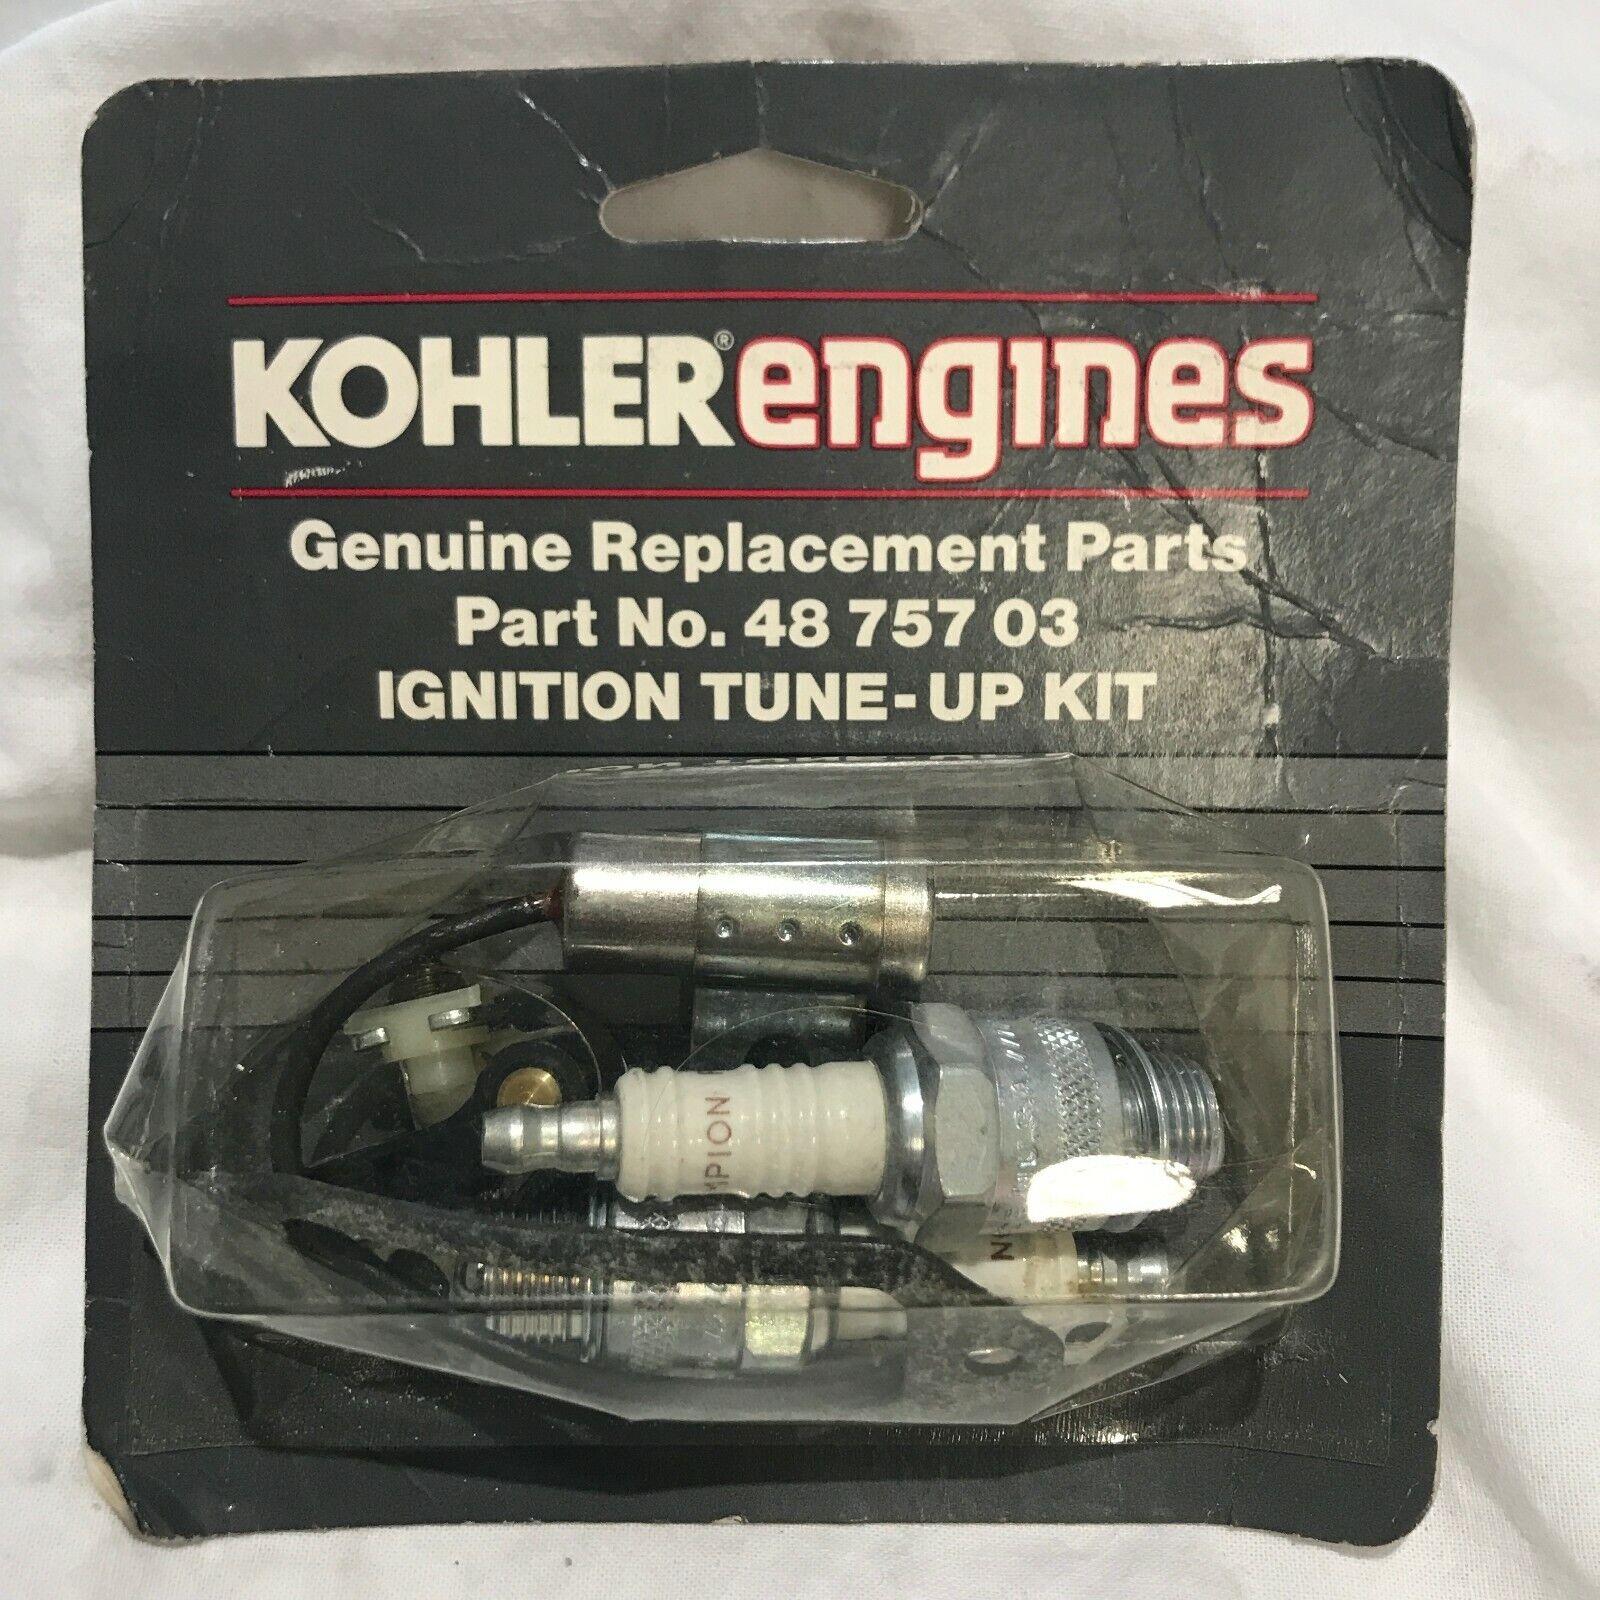 la migliore offerta del negozio online Genuine KOHLER ACCENSIONE tune up up up kit si adatta K582 48 757 03 4875703 48-757-03  prezzo all'ingrosso